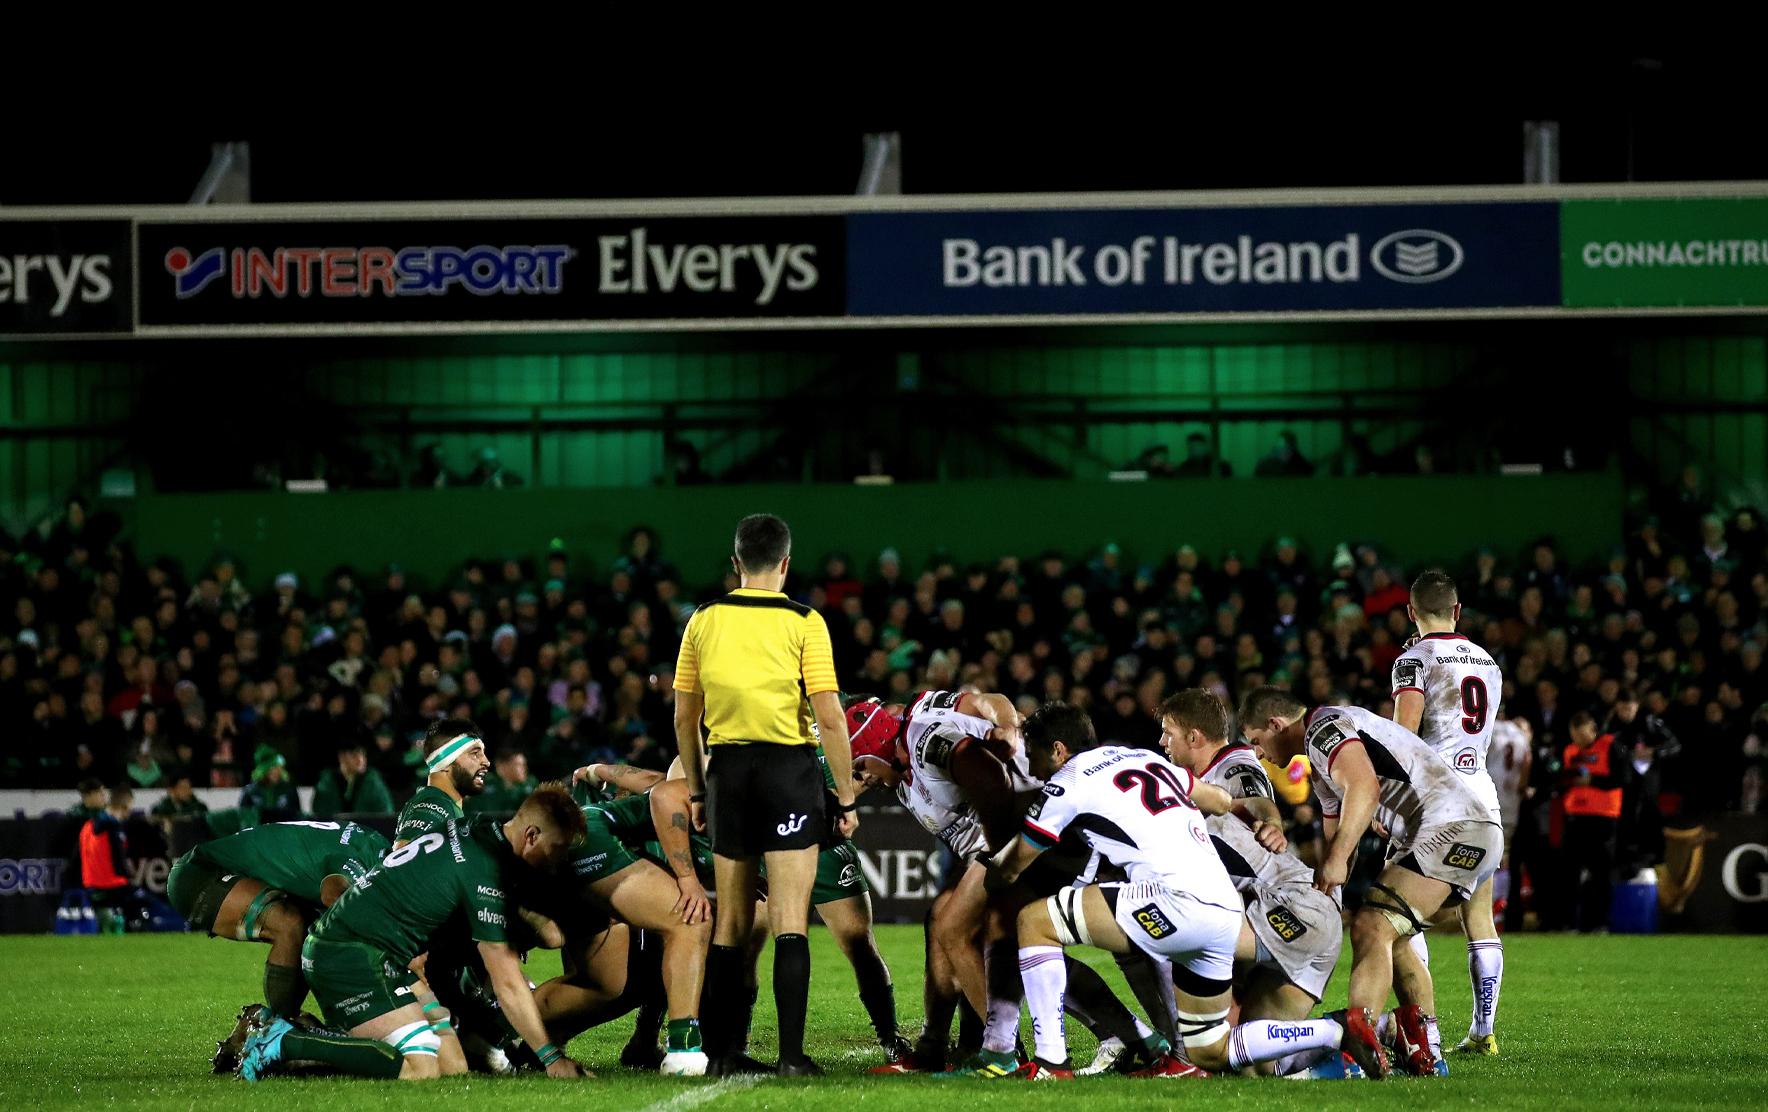 Intersport Elverys -Connacht Rugby